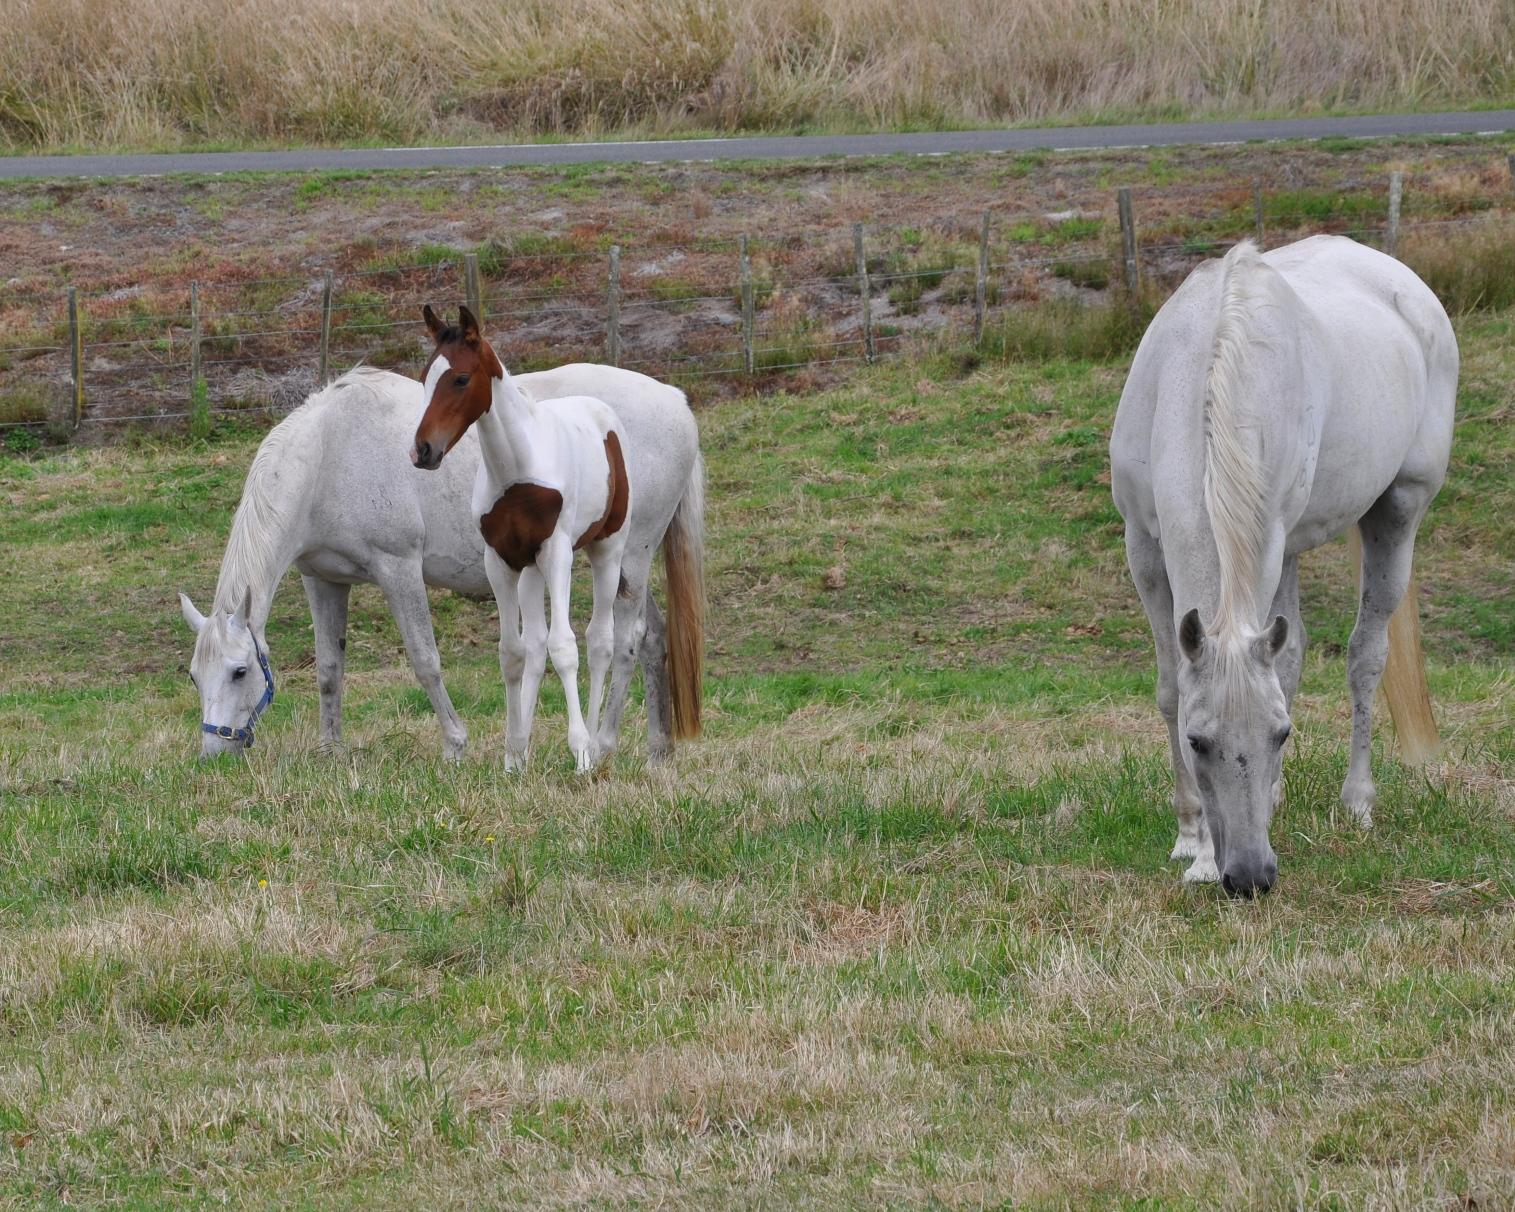 Horses grazing in de la terre's frontpaddock